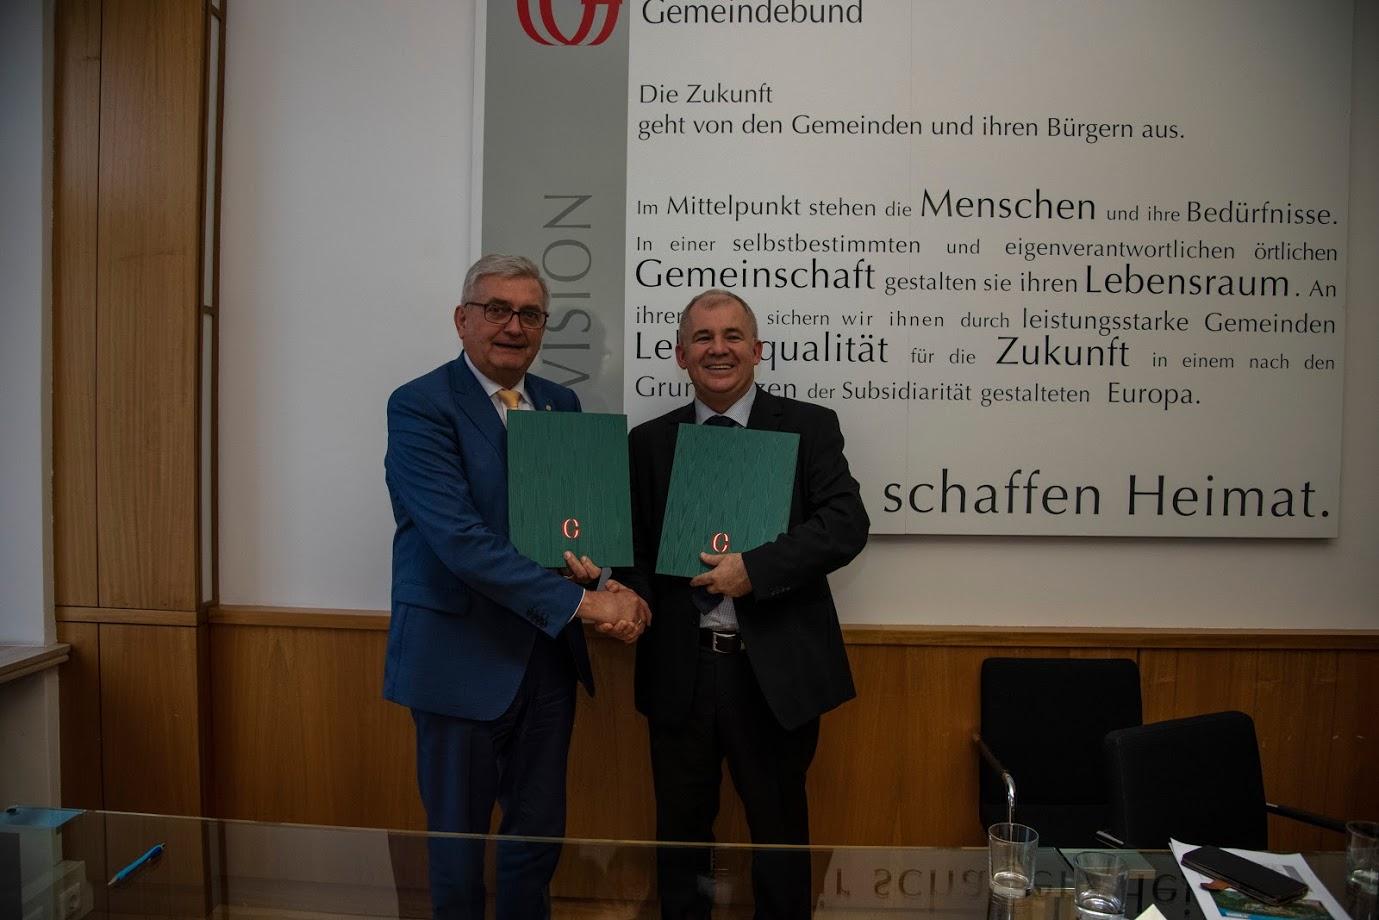 Baričević: Sporazum s Austrijancima predstavlja krucijalan korak za Republiku Hrvatsku i razvoj hrvatske lokalne samouprave